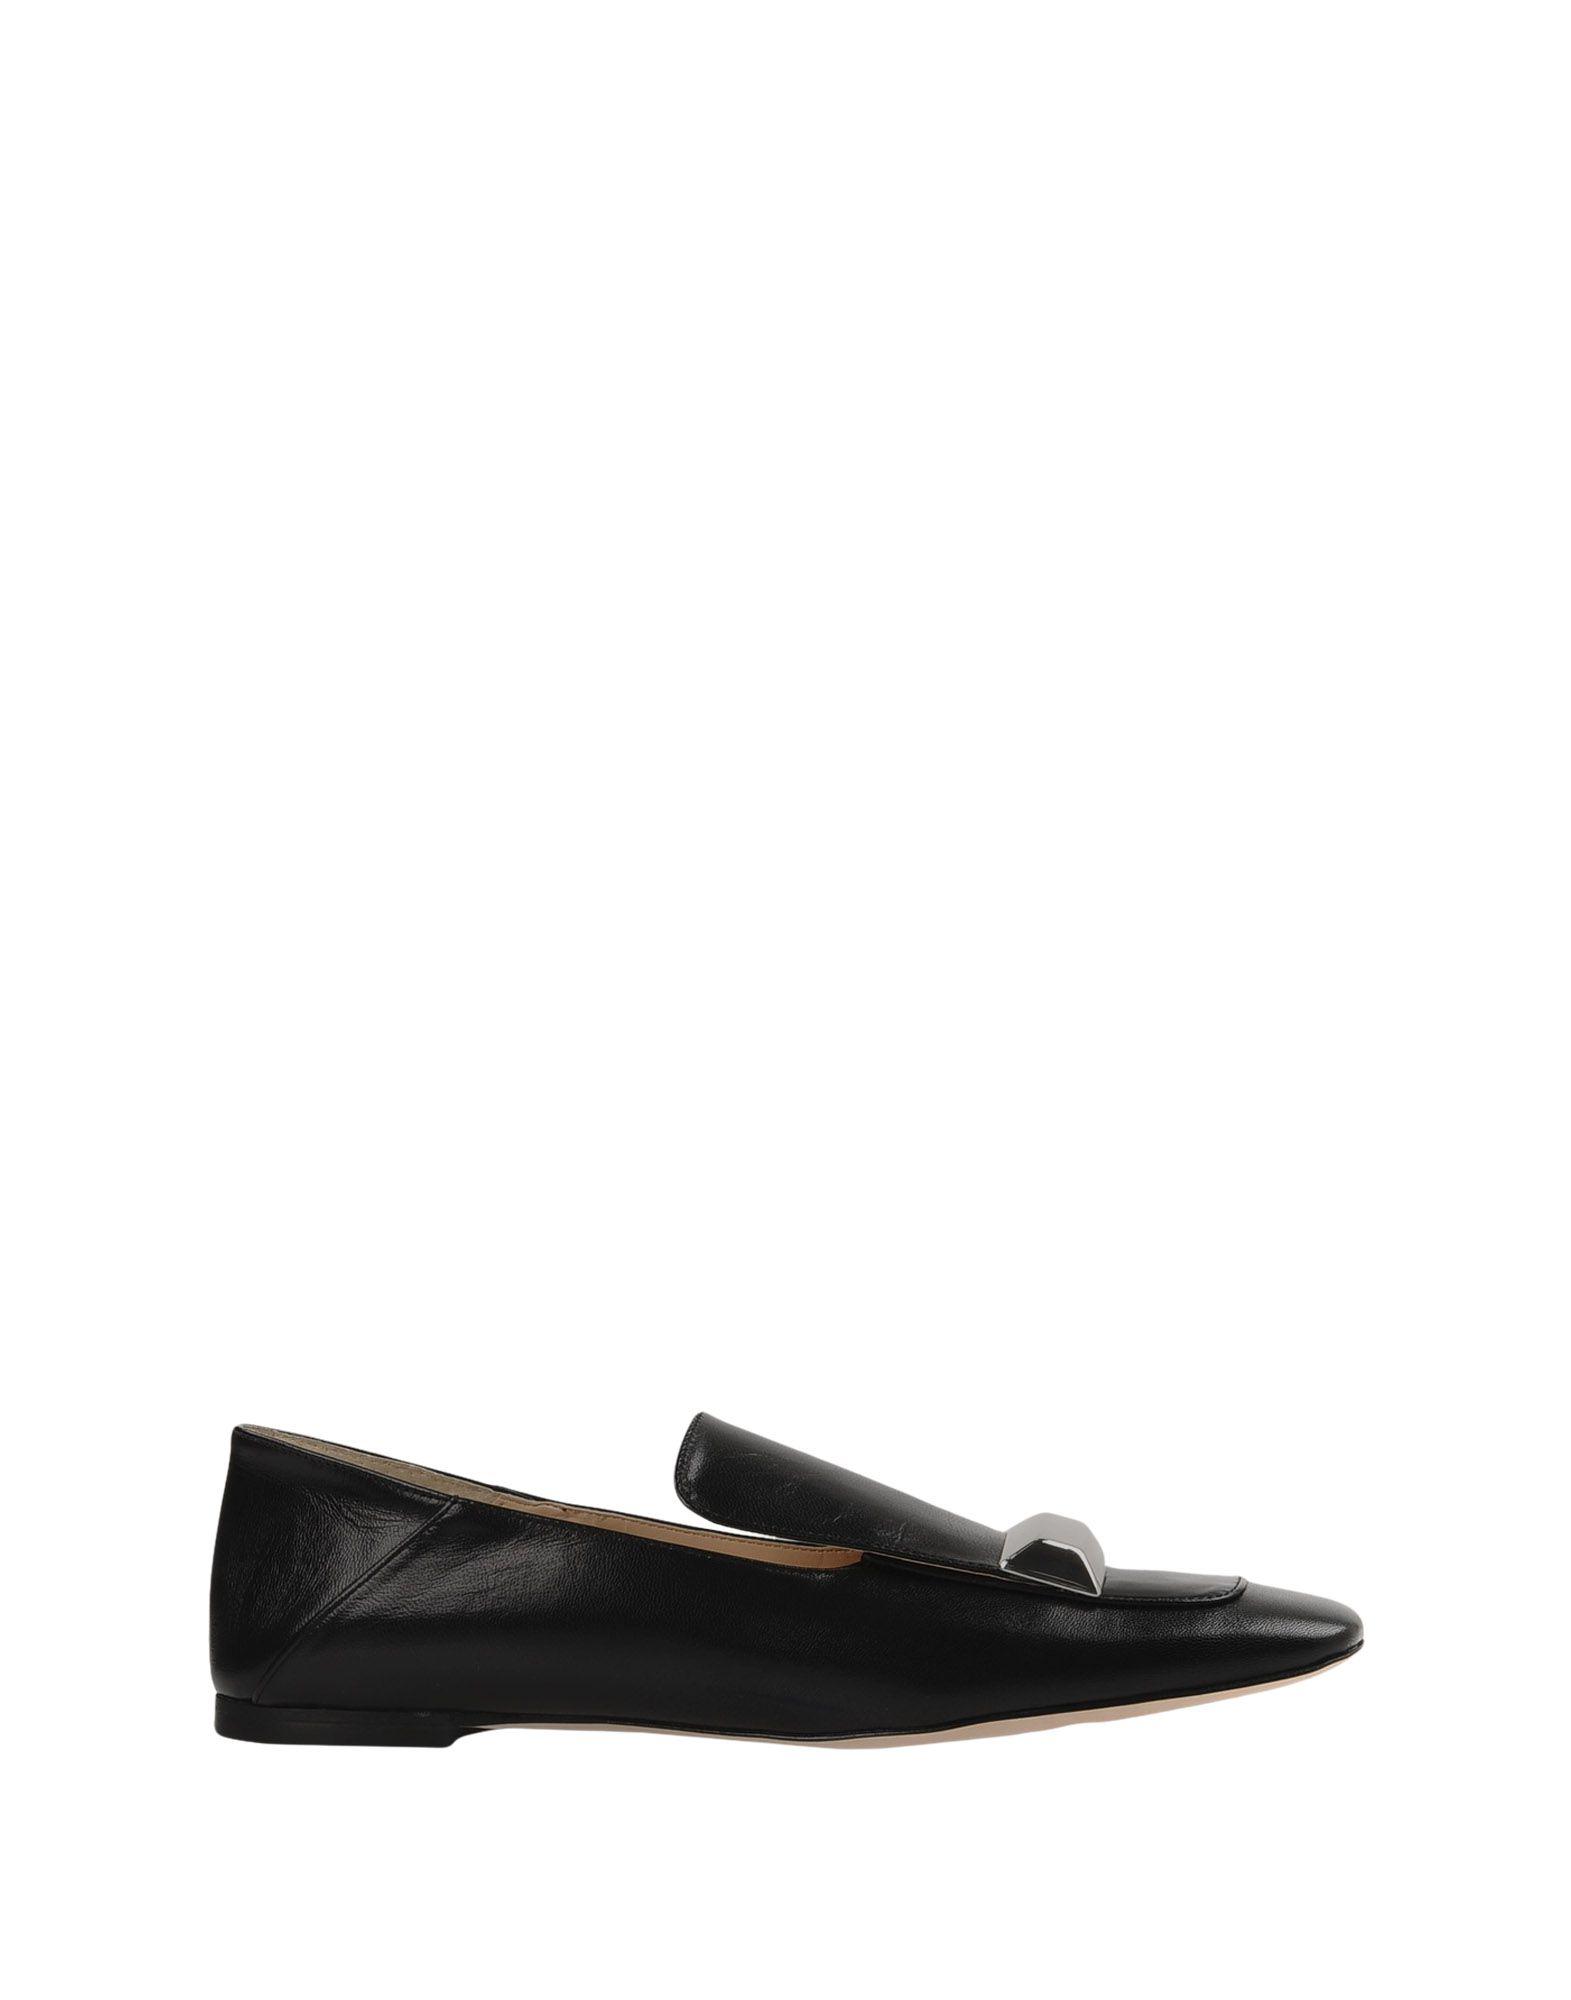 Gut Di um billige Schuhe zu tragenBianca Di Gut Mokassins Damen  11440743BQ 4759c1